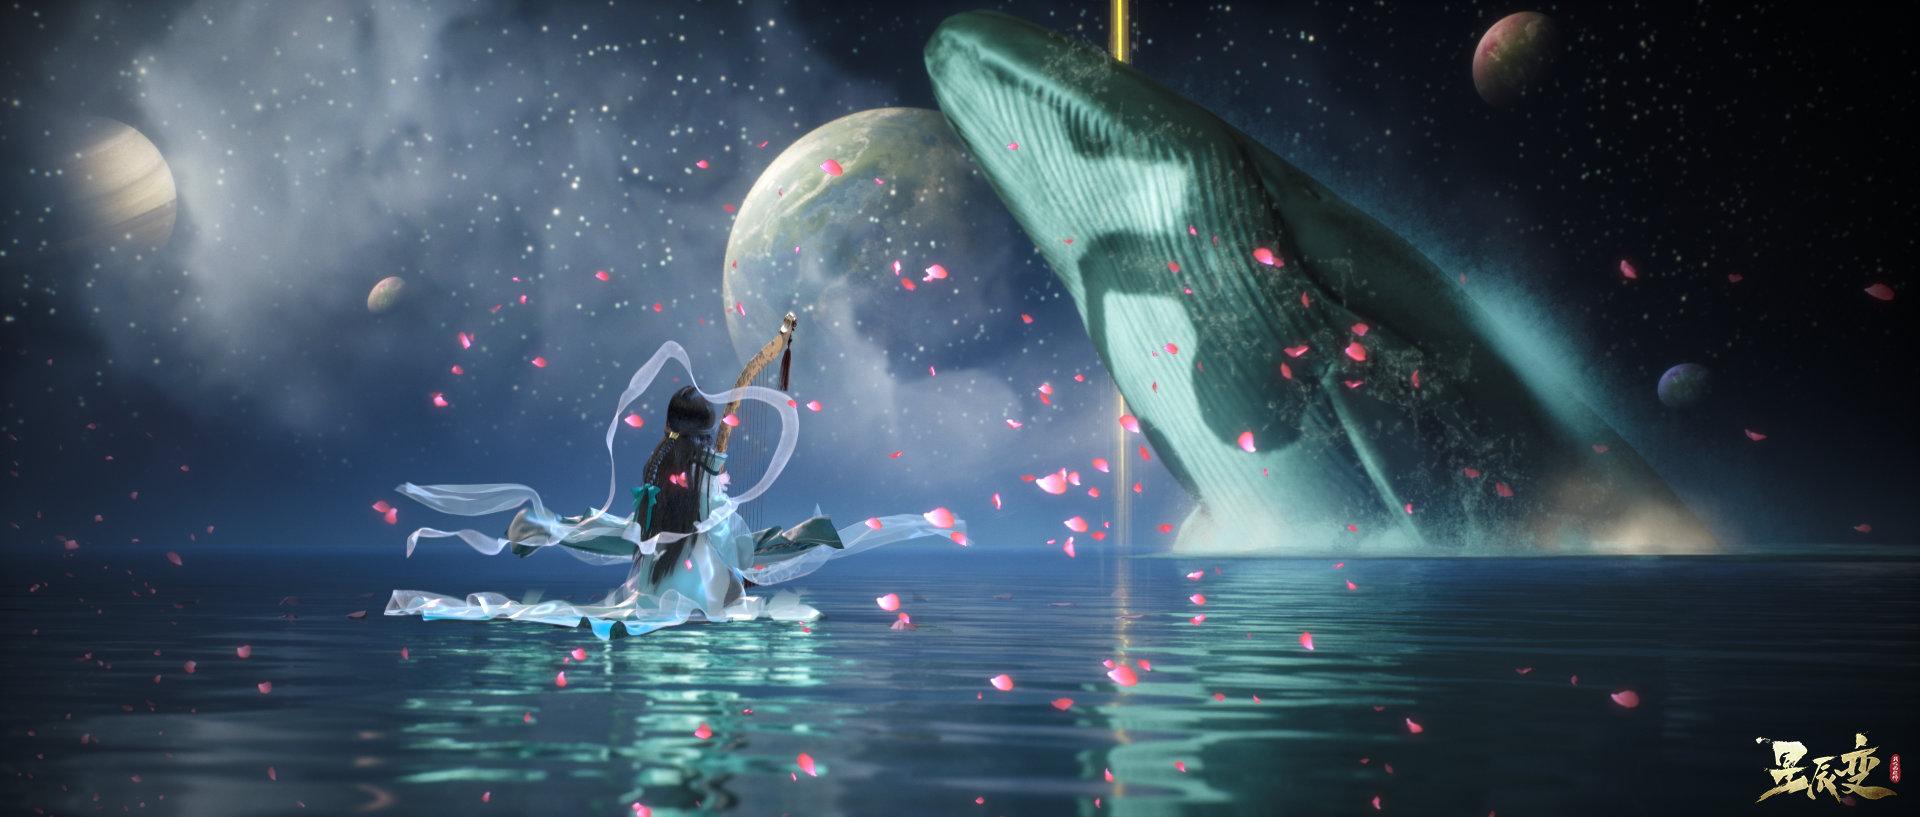 星辰变羽立沧海篇姜立图片